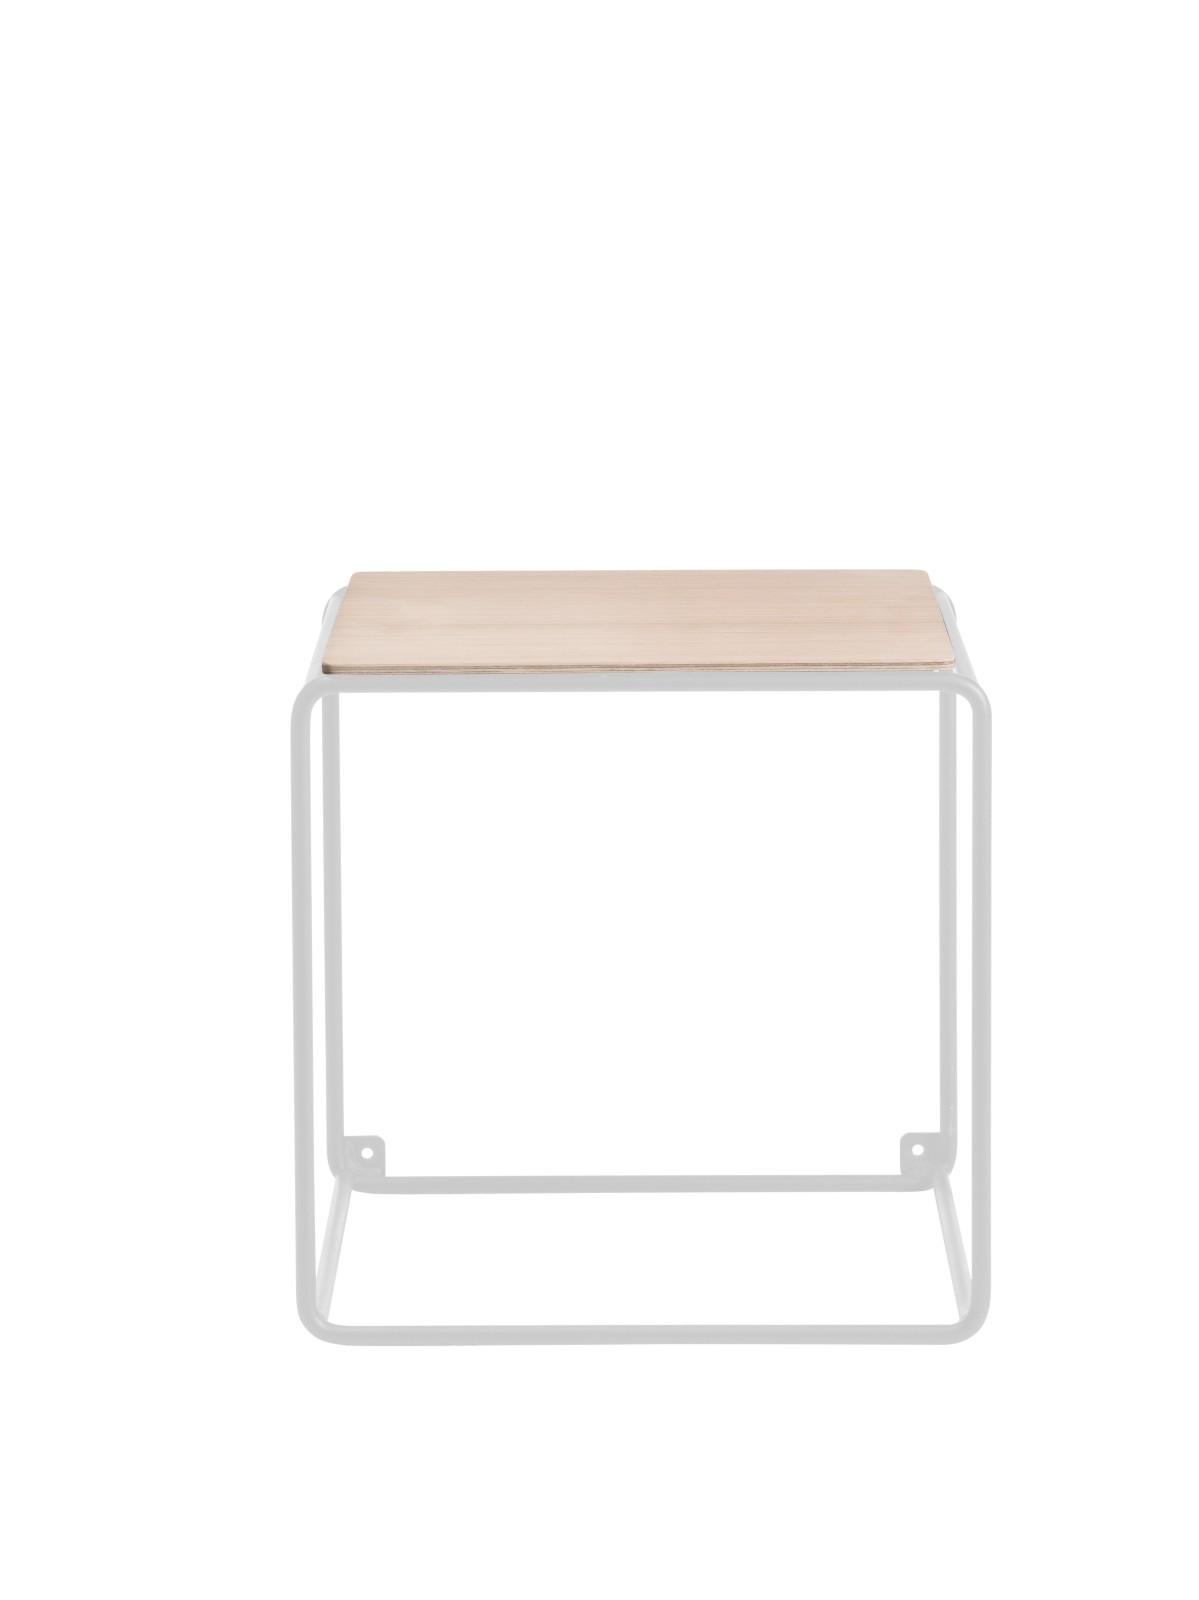 Anywhere System Shelf Anywhere 1 x 1 w. 1 shelf White/Oak